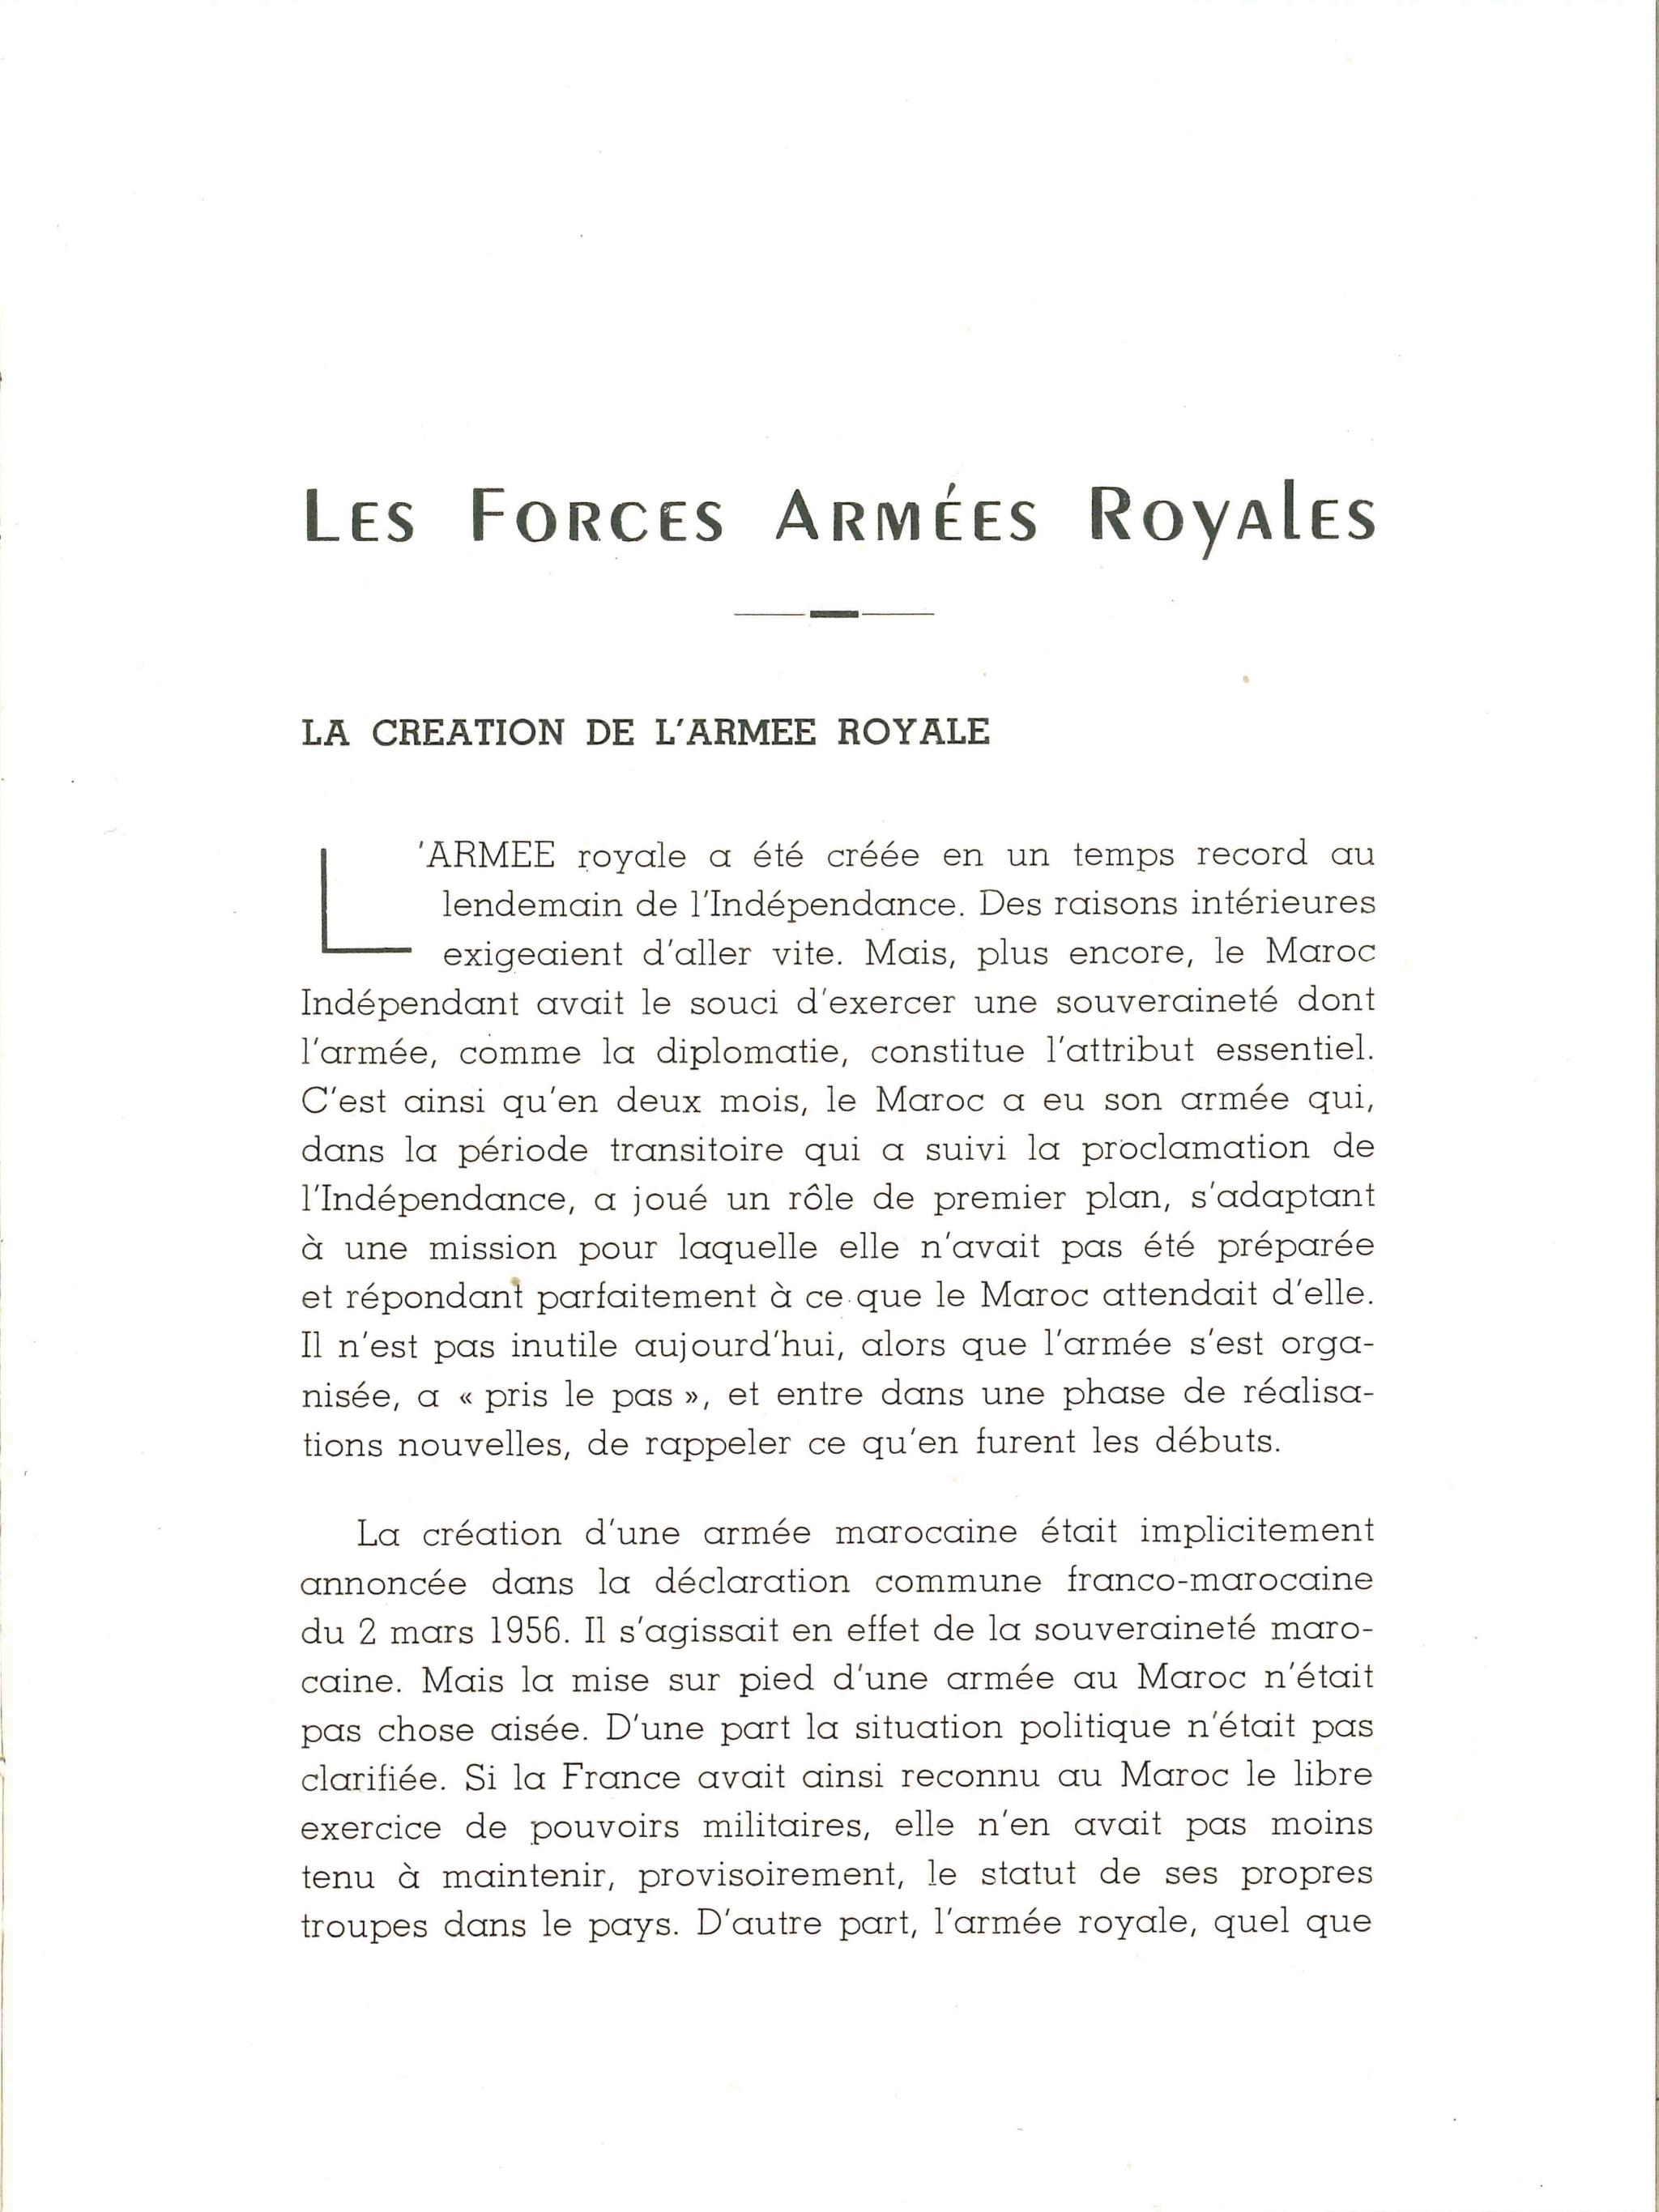 1957 - Les Forces Armées Royales  48642580067_48447b2d58_o